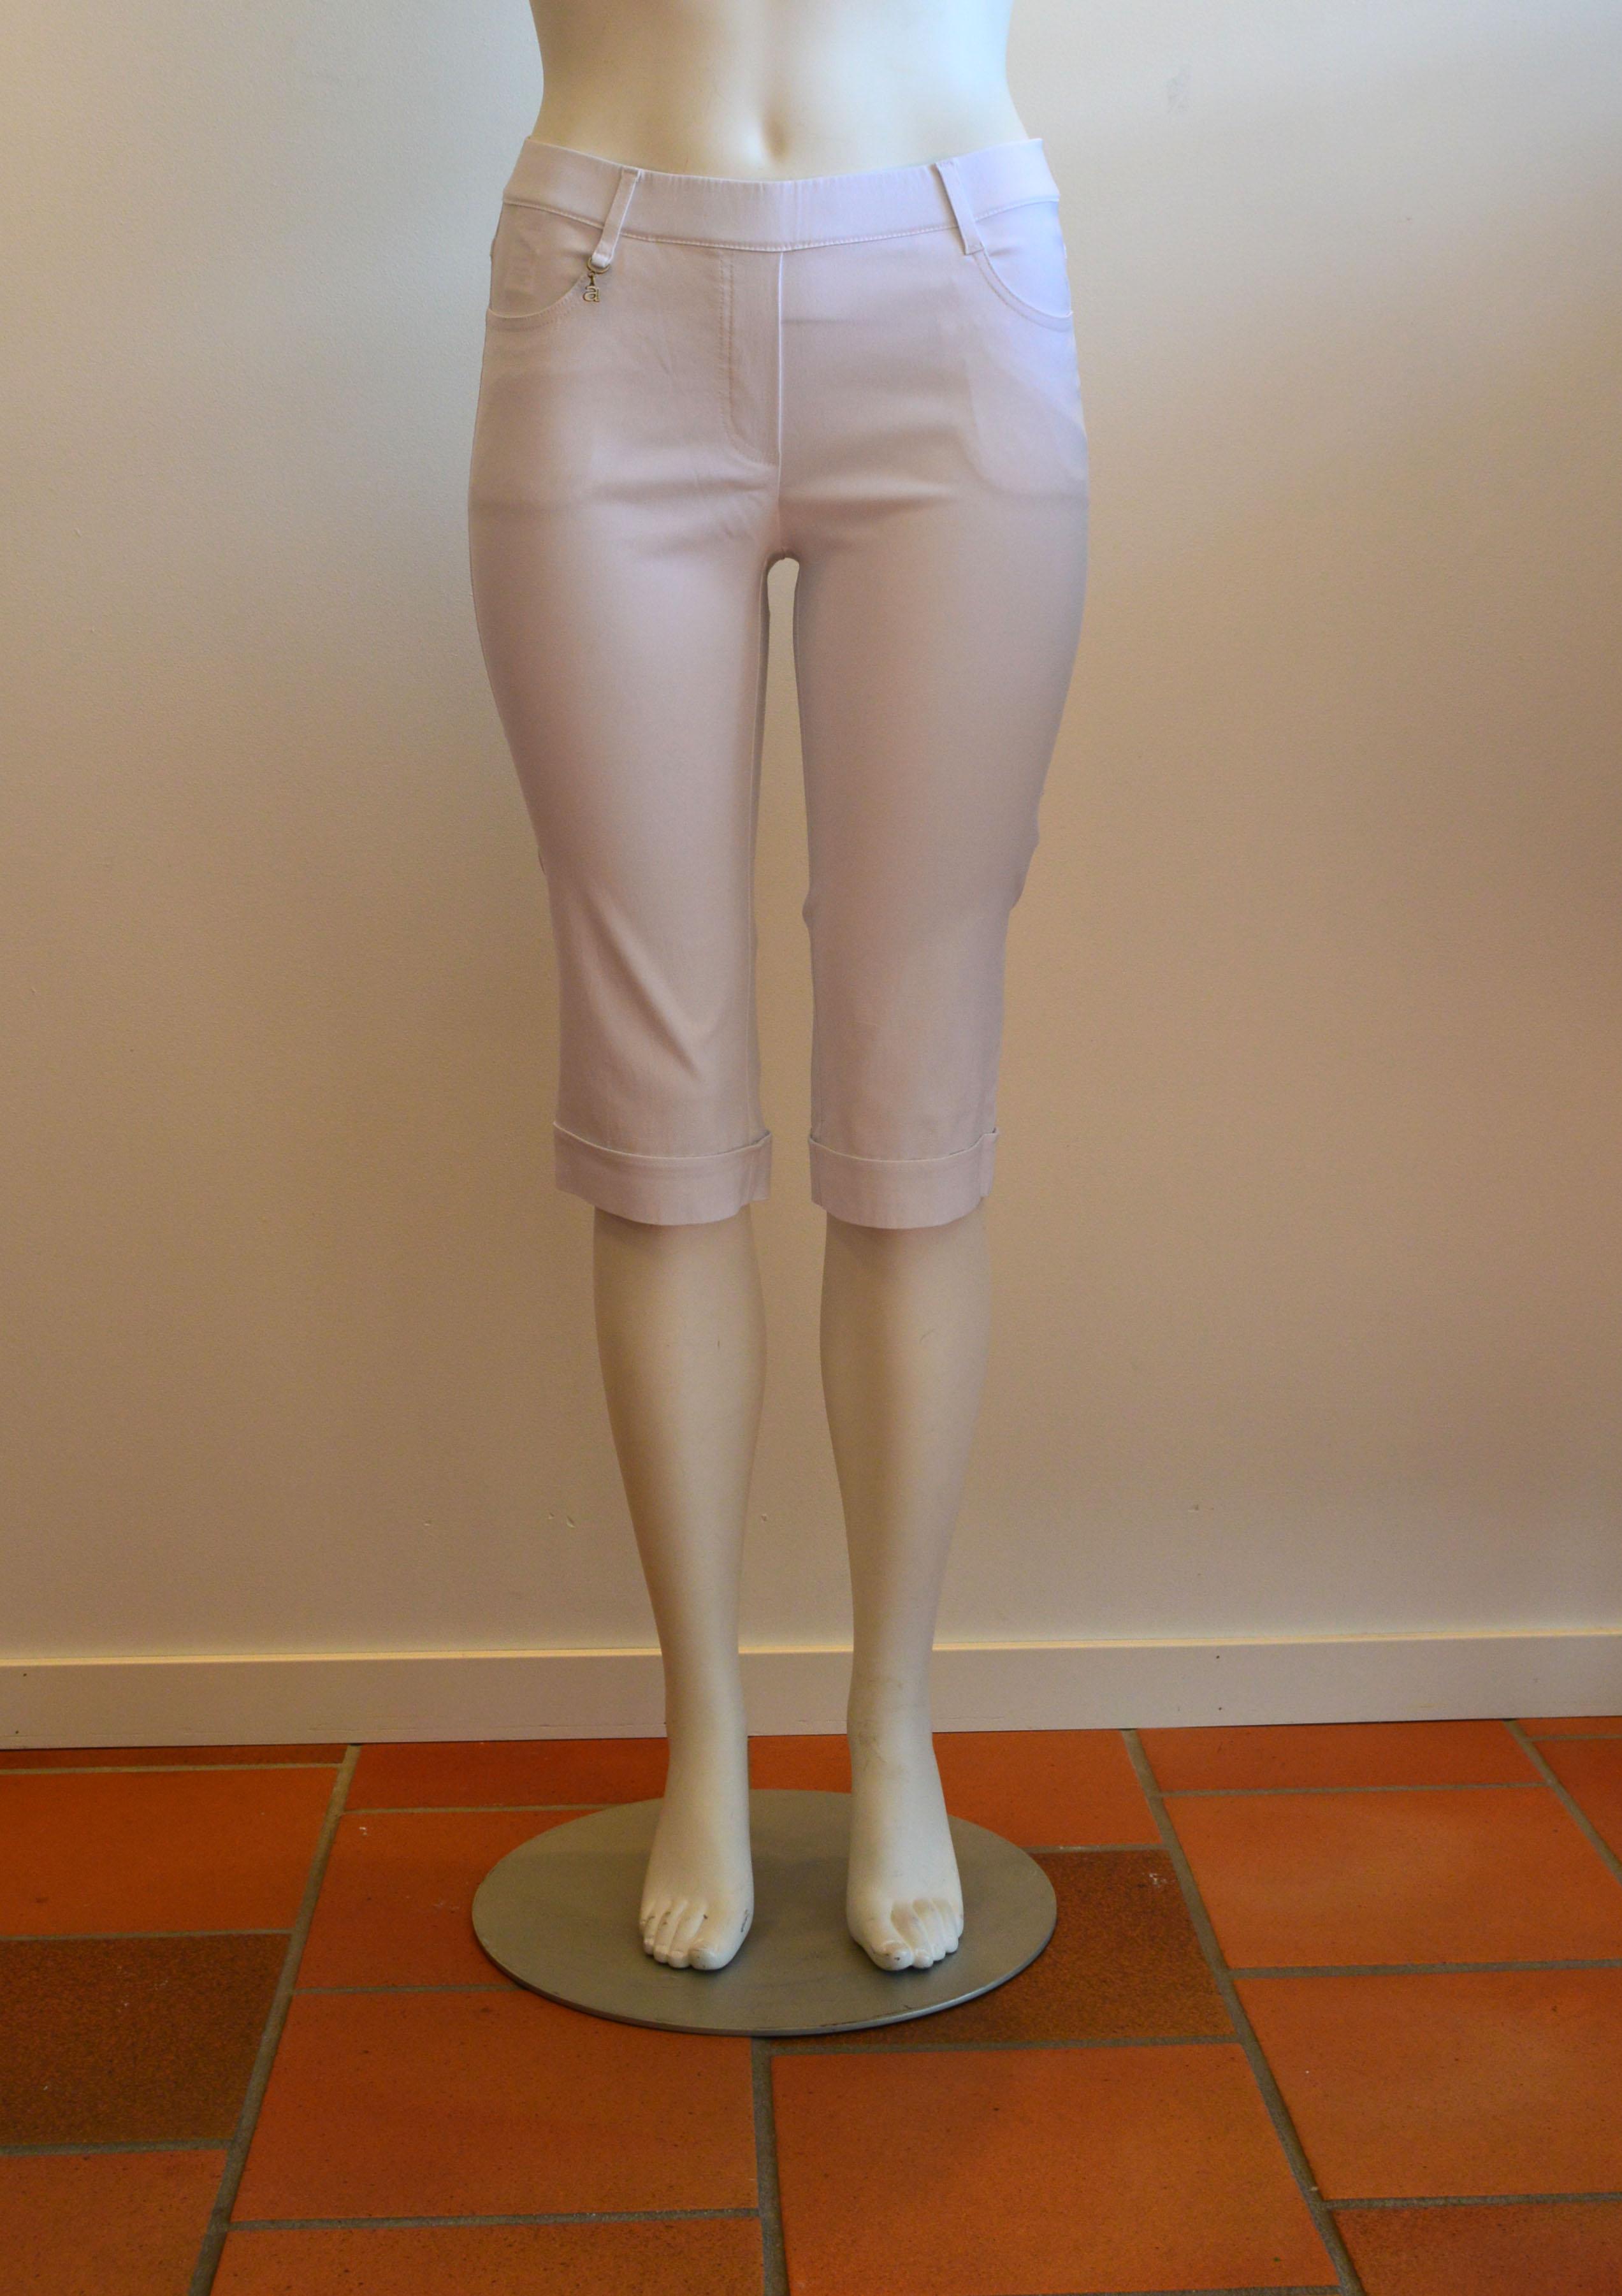 För varmt med långa byxor? Pamela capri täcker knä och är svala och sköna. Finns i vitt, pris 599:-